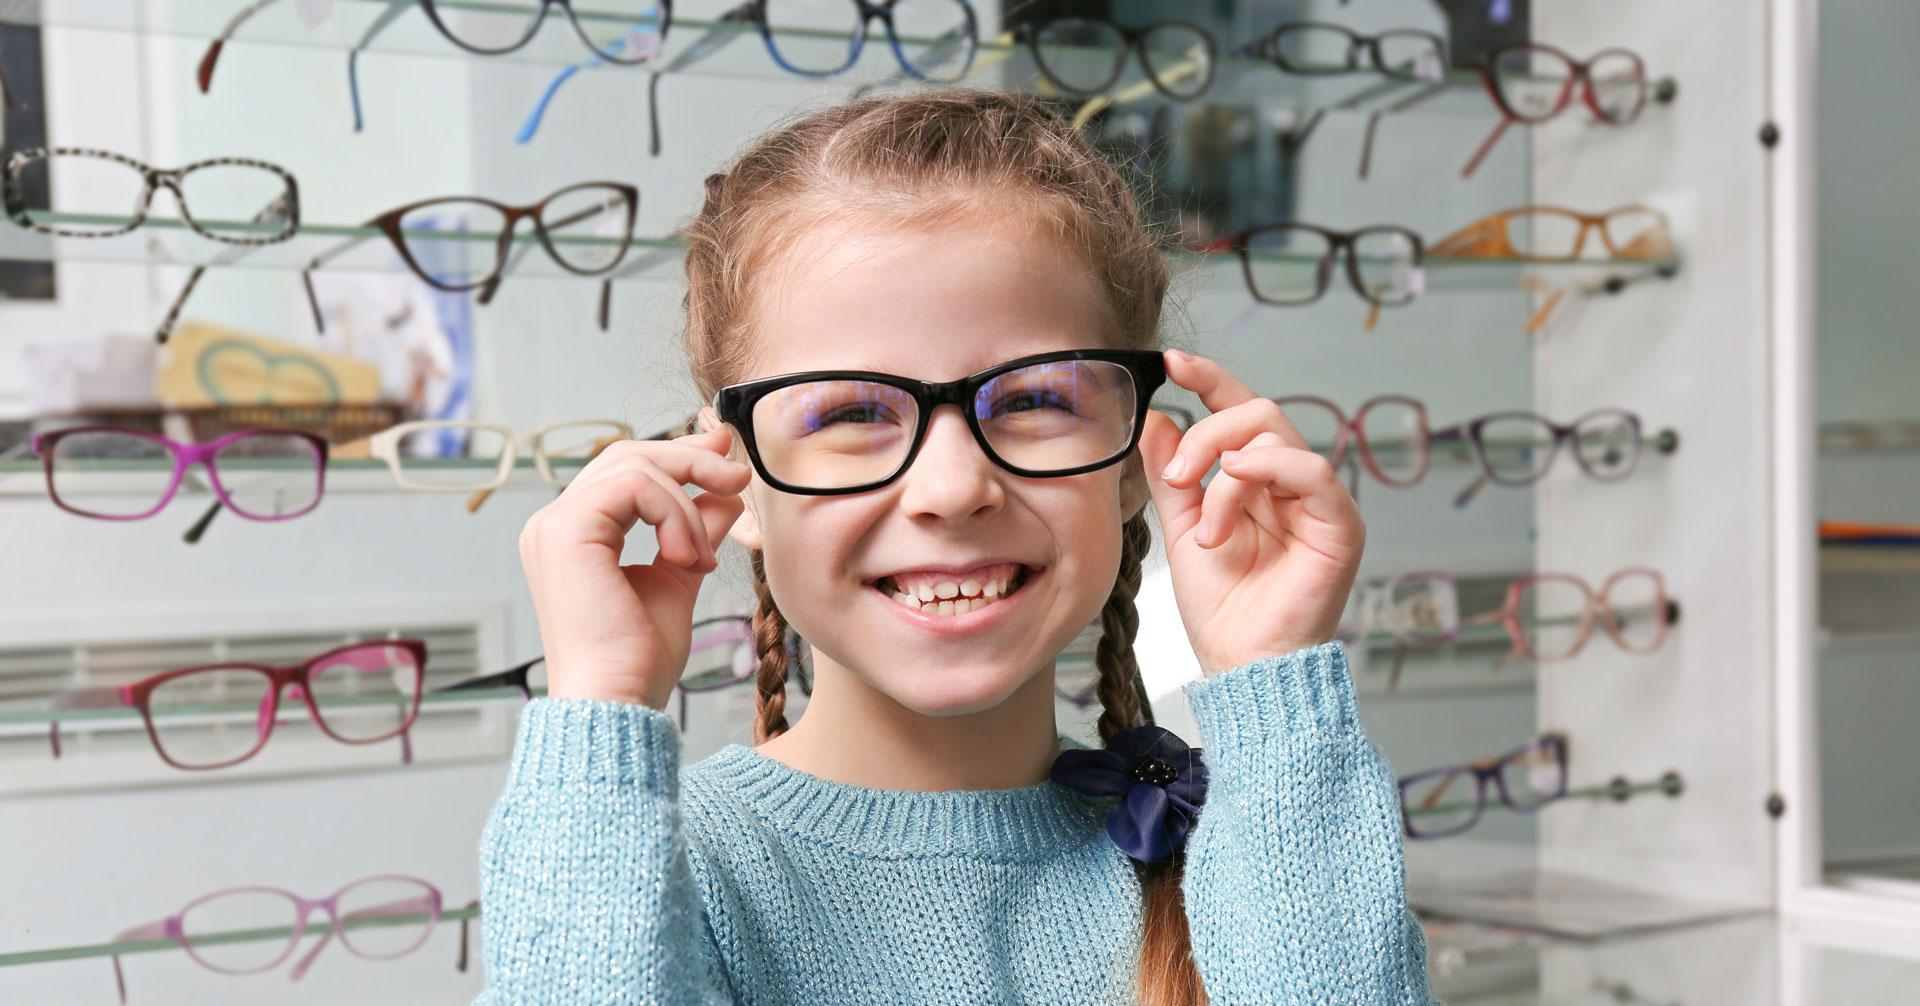 miopia este aproape sau departe care i-a restaurat vederea